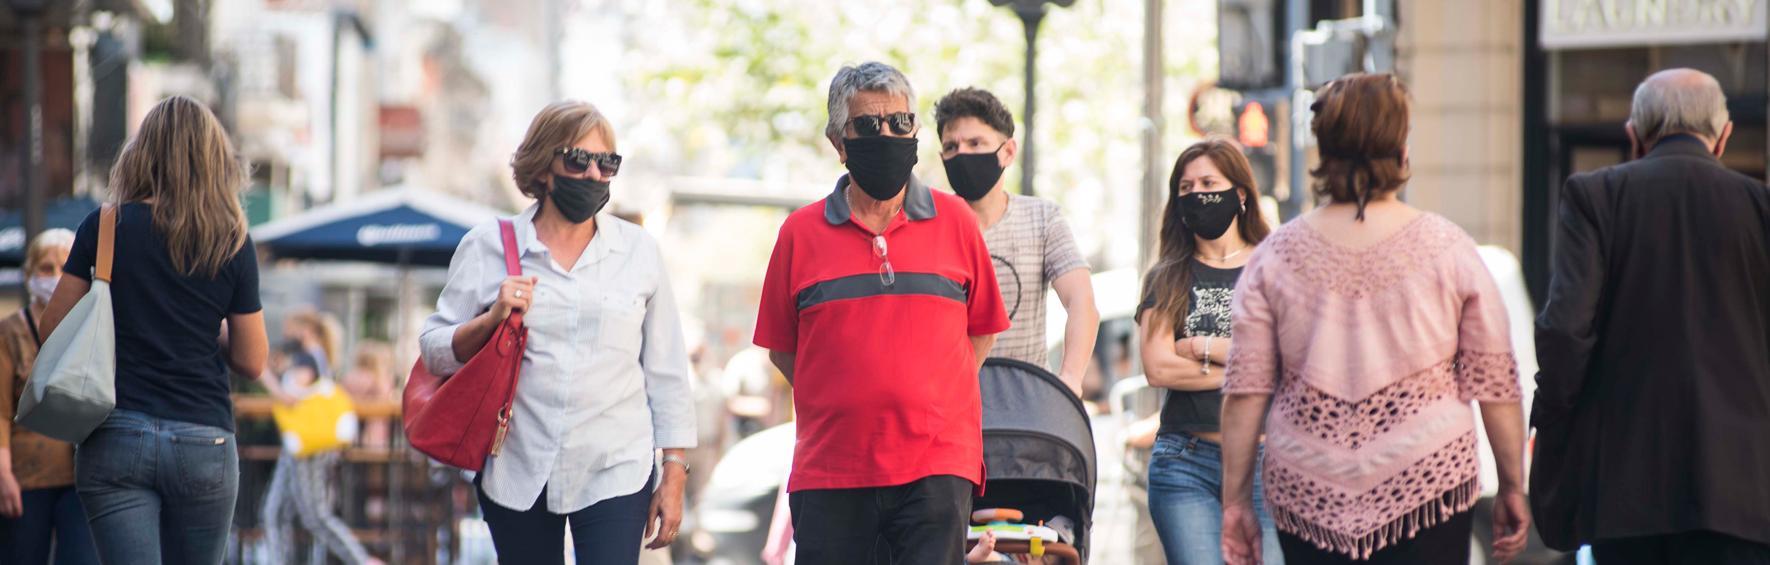 Peatonal Córdoba- Uso de barbijo obligatorio